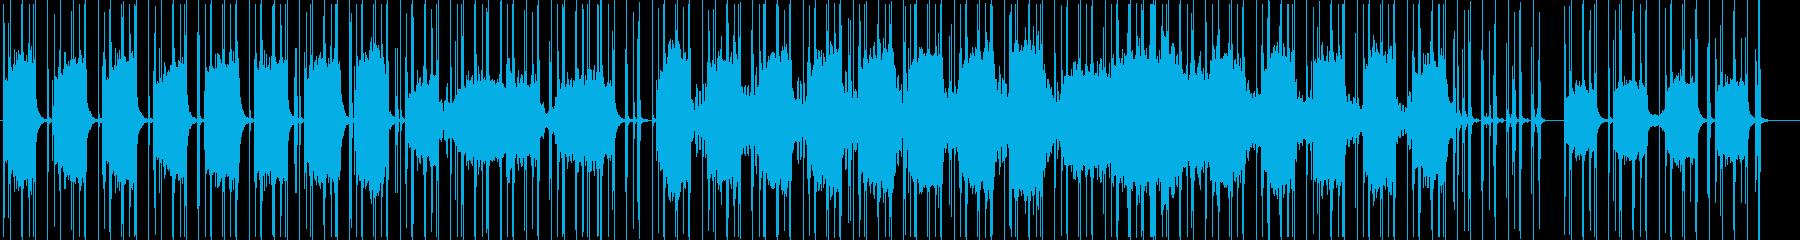 空間を生かしたストリングスシンセ曲の再生済みの波形